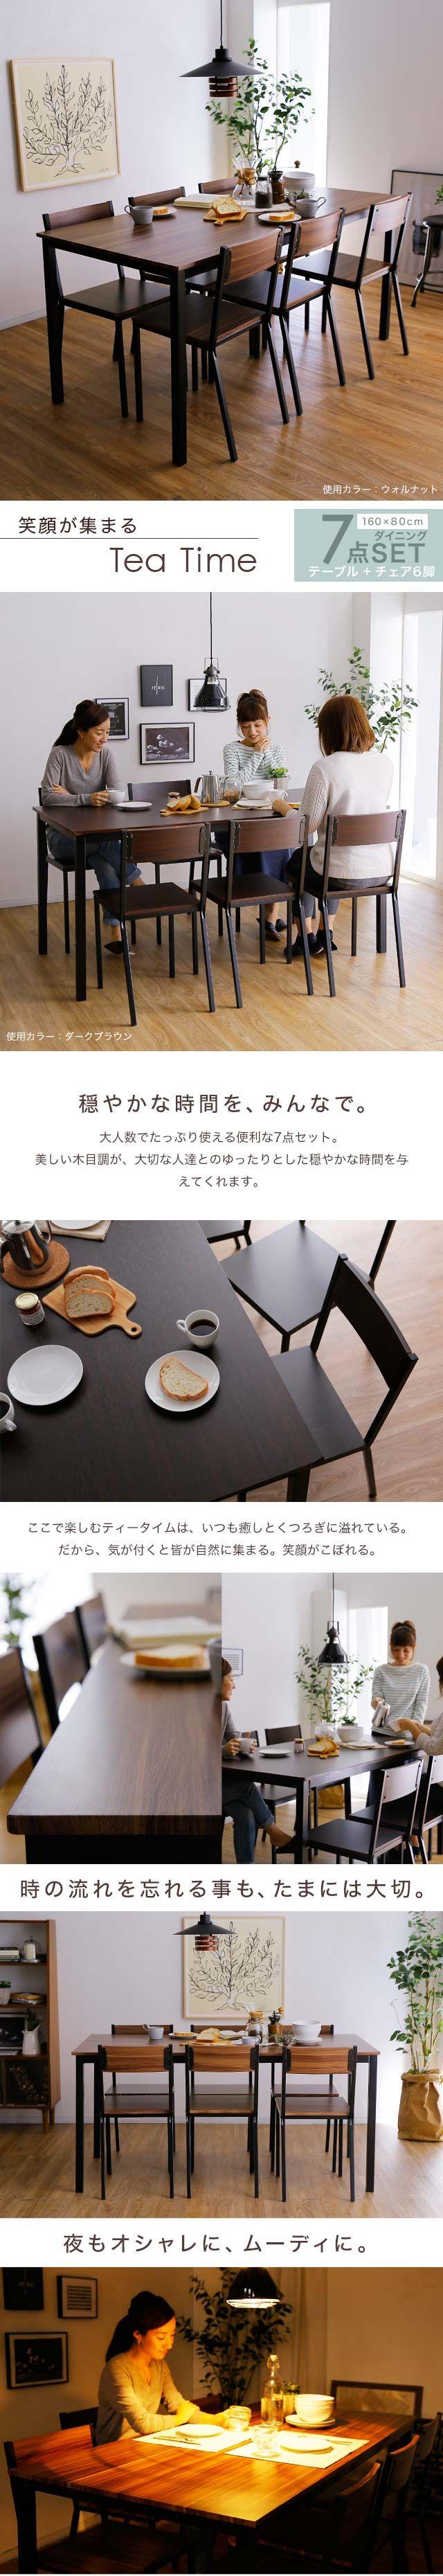 6人掛け ダイニングテーブルセット 160cm幅 ダイニング セット。[クーポンで600円OFF 11/23 18:00~11/27 9:59] ダイニングテーブル ダイニング7点セット 6人掛け 6人用 ダイニングテーブルセット 160cm幅 ダイニングセット 7点セット ダイニング セット テーブル チェア リビング 食卓 食卓テーブル 食卓セット